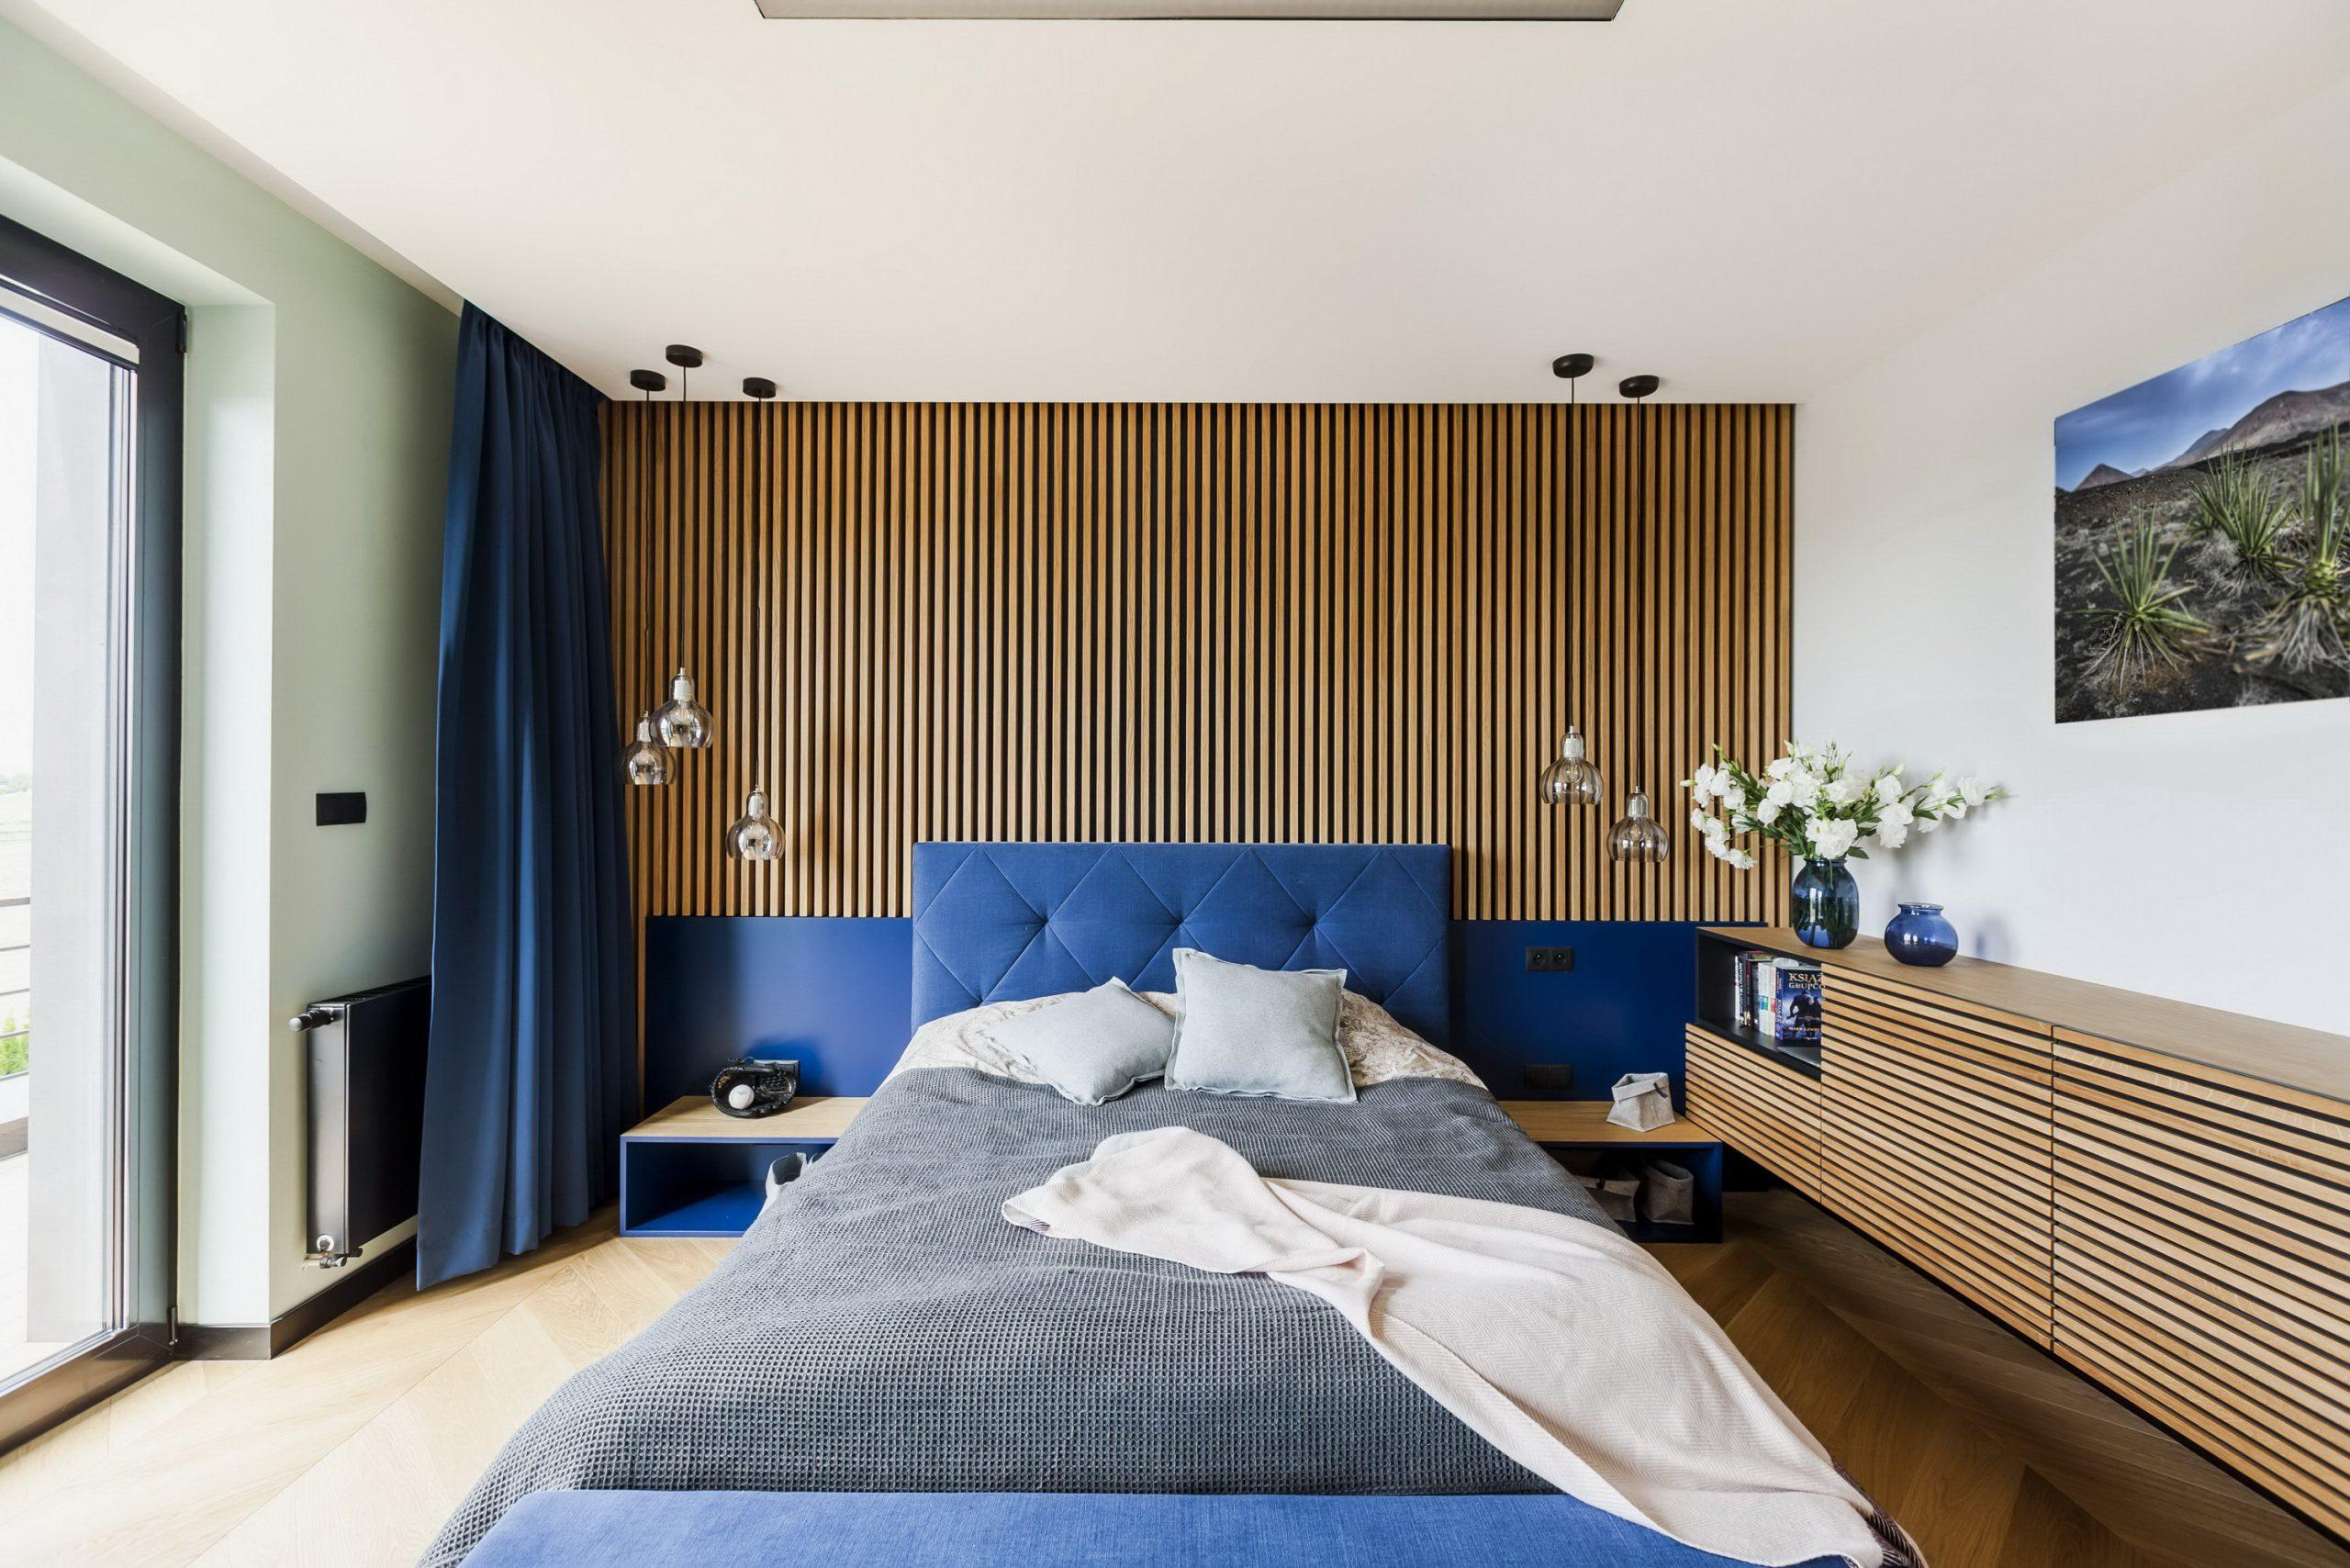 Phòng ngủ màu xanh dương tươi sáng